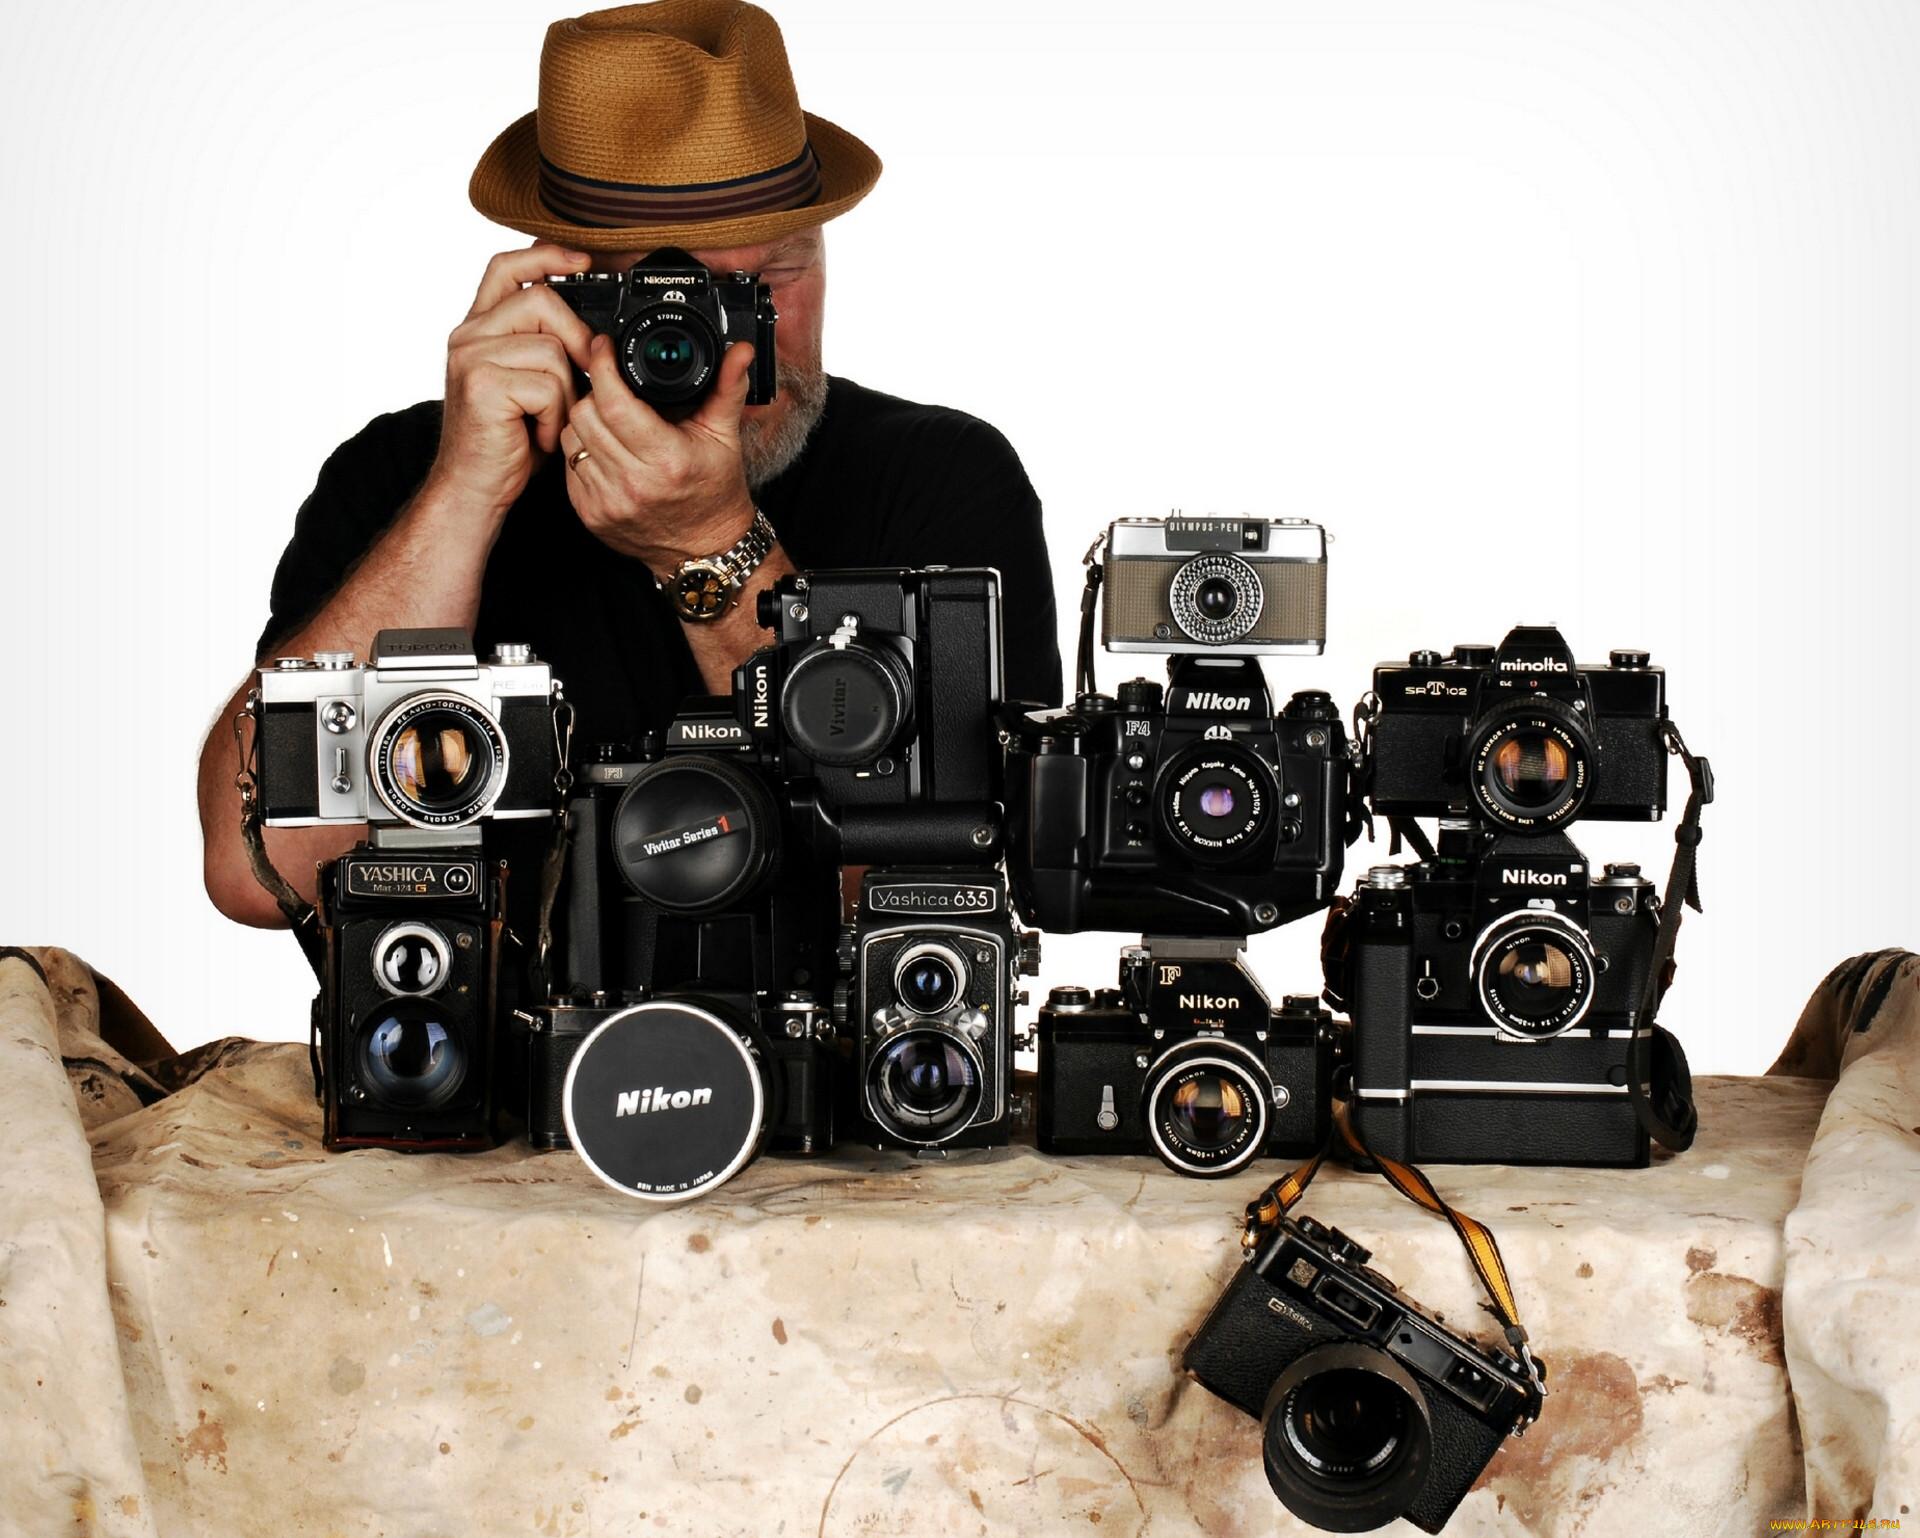 варианты работы для фотографа дсп представляет собой